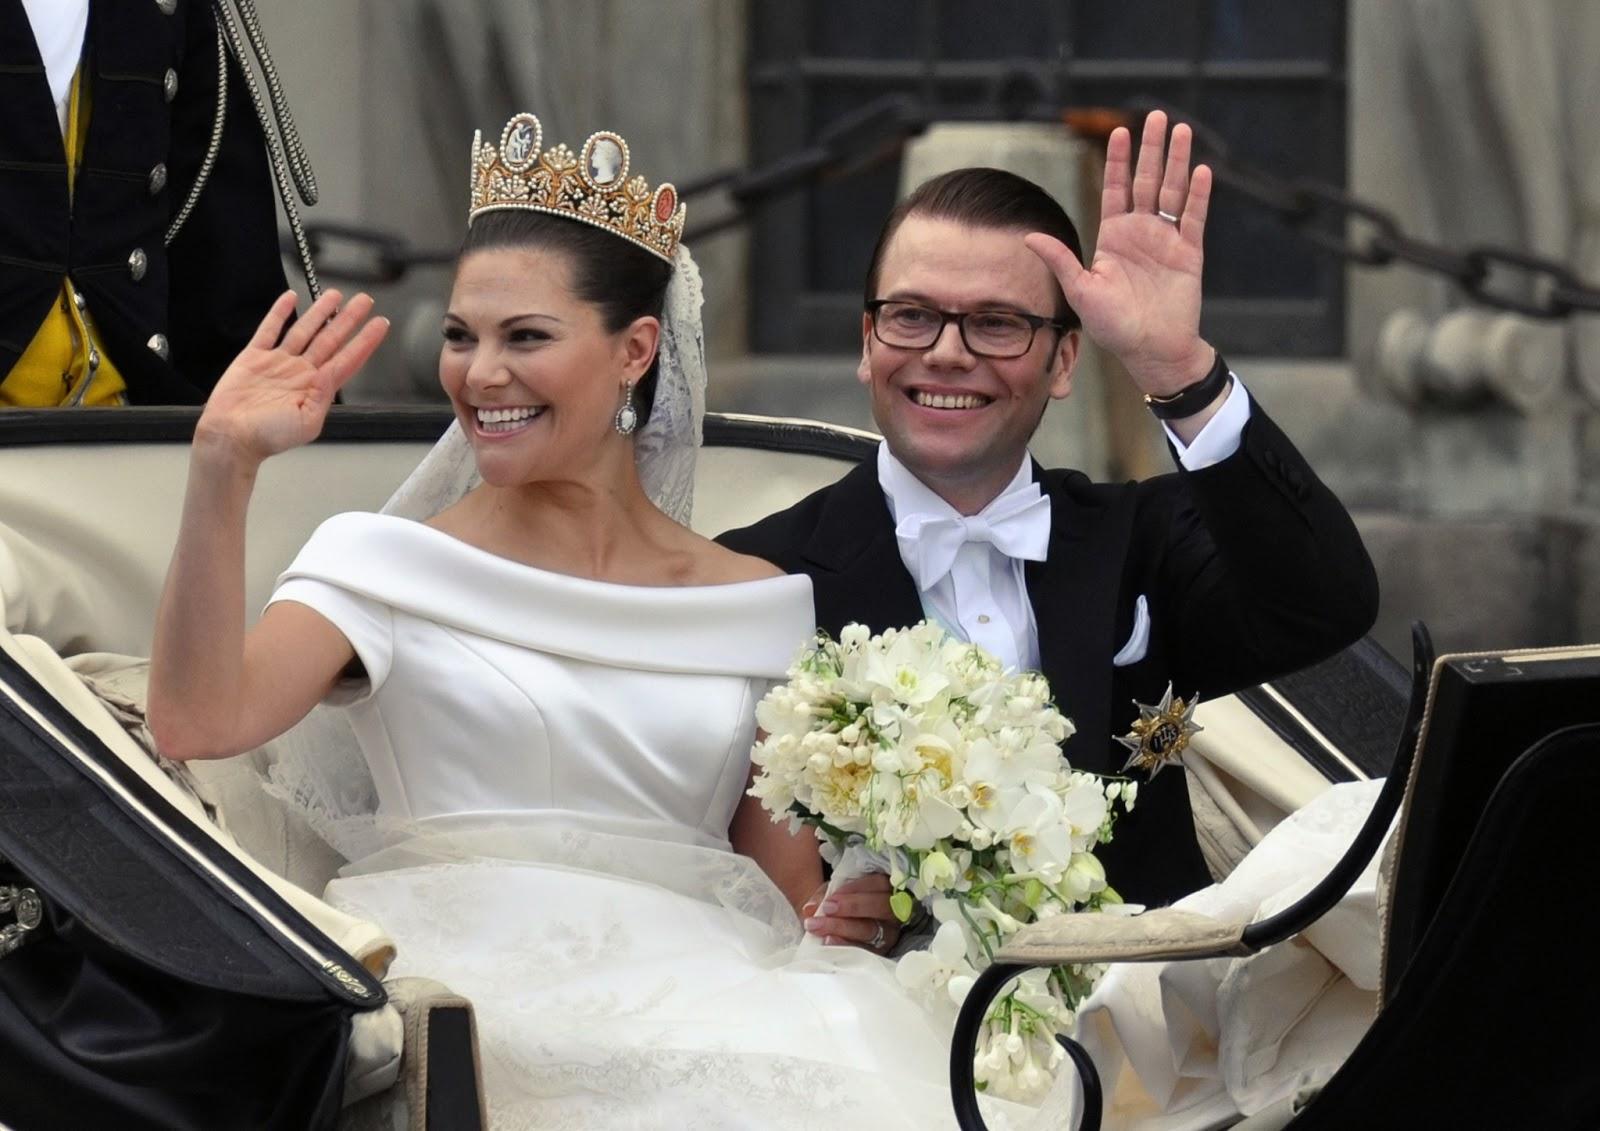 c84a2d61d2 Poniżej trzy udane przykłady ślubów królewskich